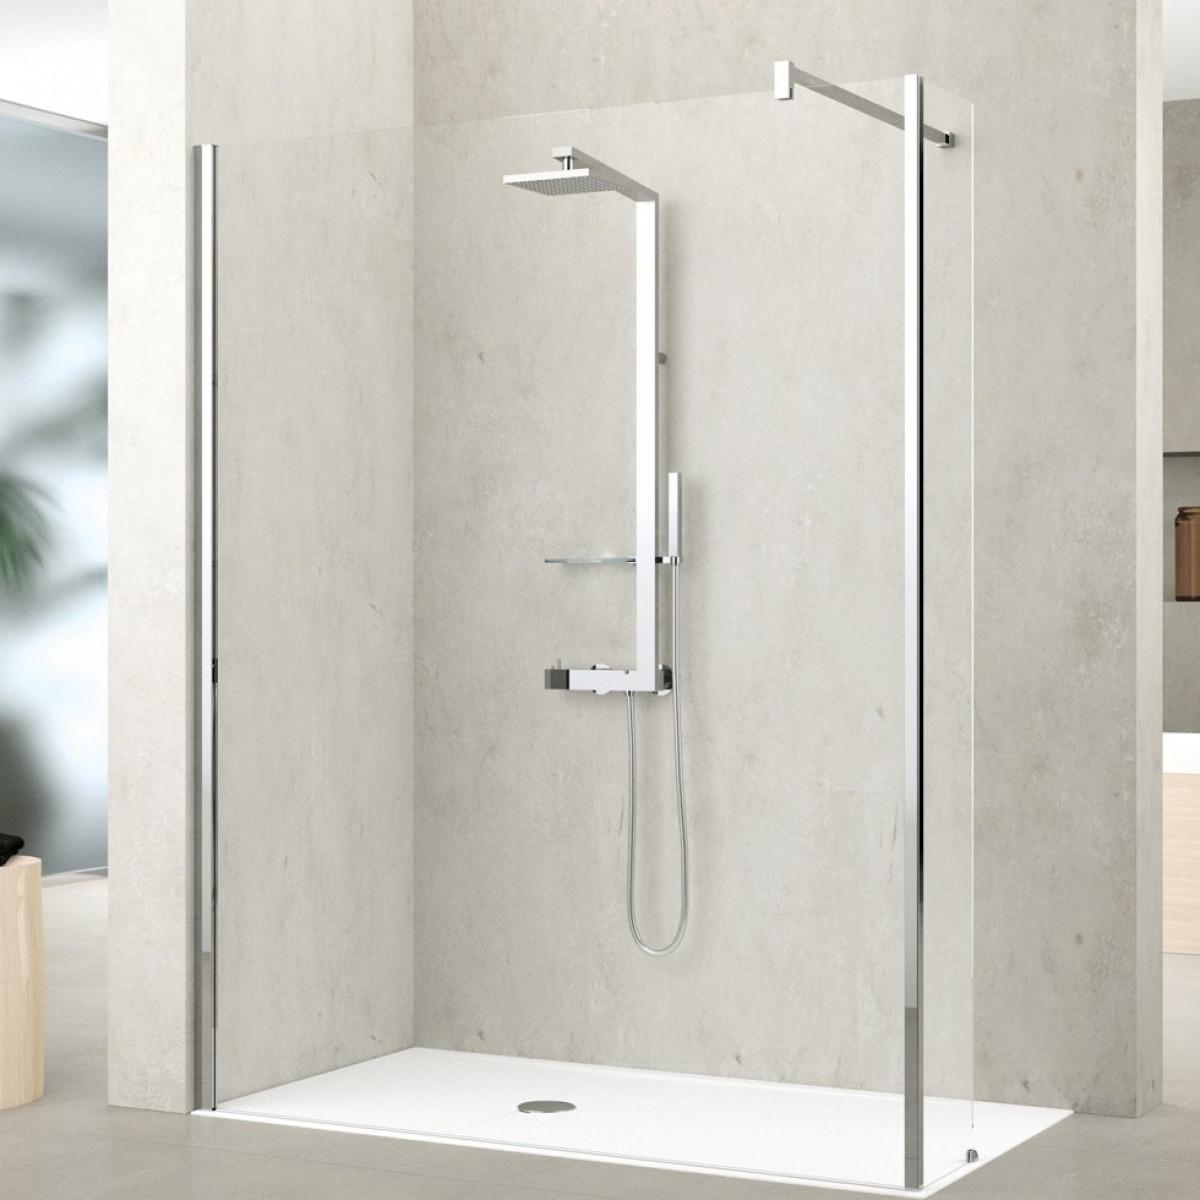 Novellini Kuadra H6 1270 1300mm Shower Panel Amp Deflector